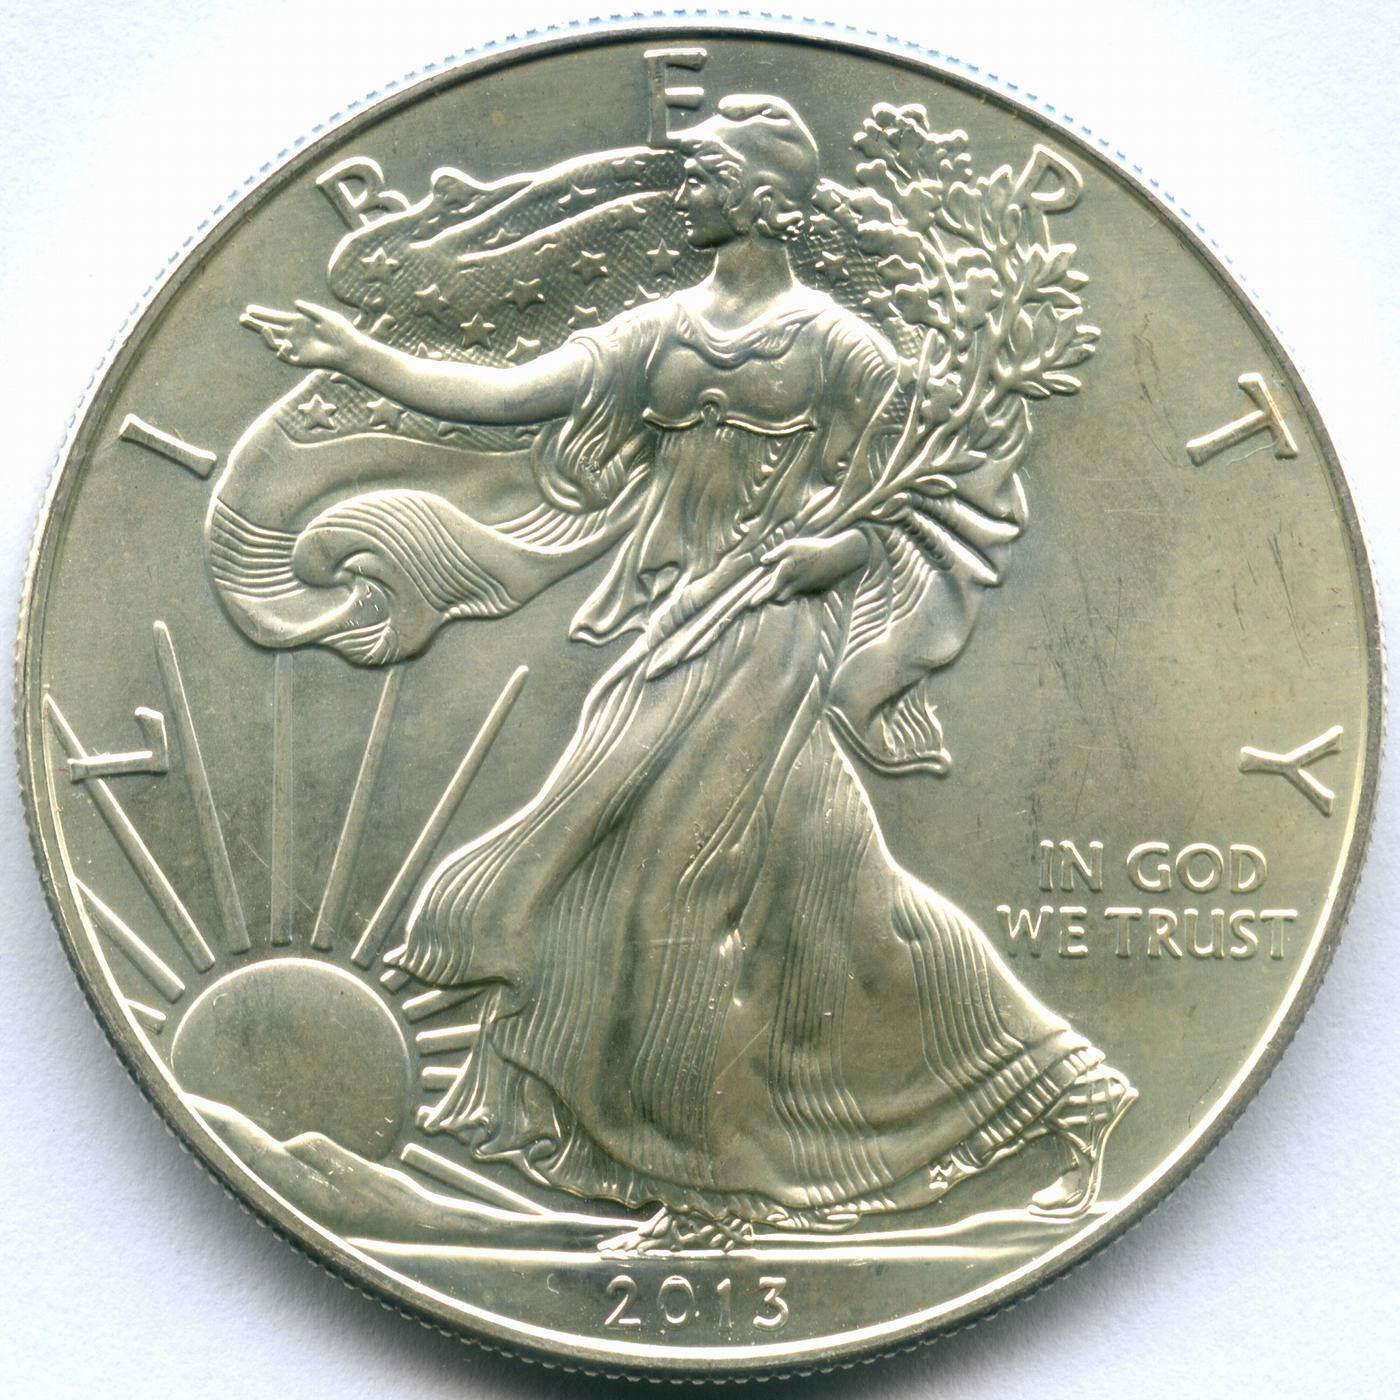 """1 доллар 2013 год США """"Шагающая свобода"""" AU"""